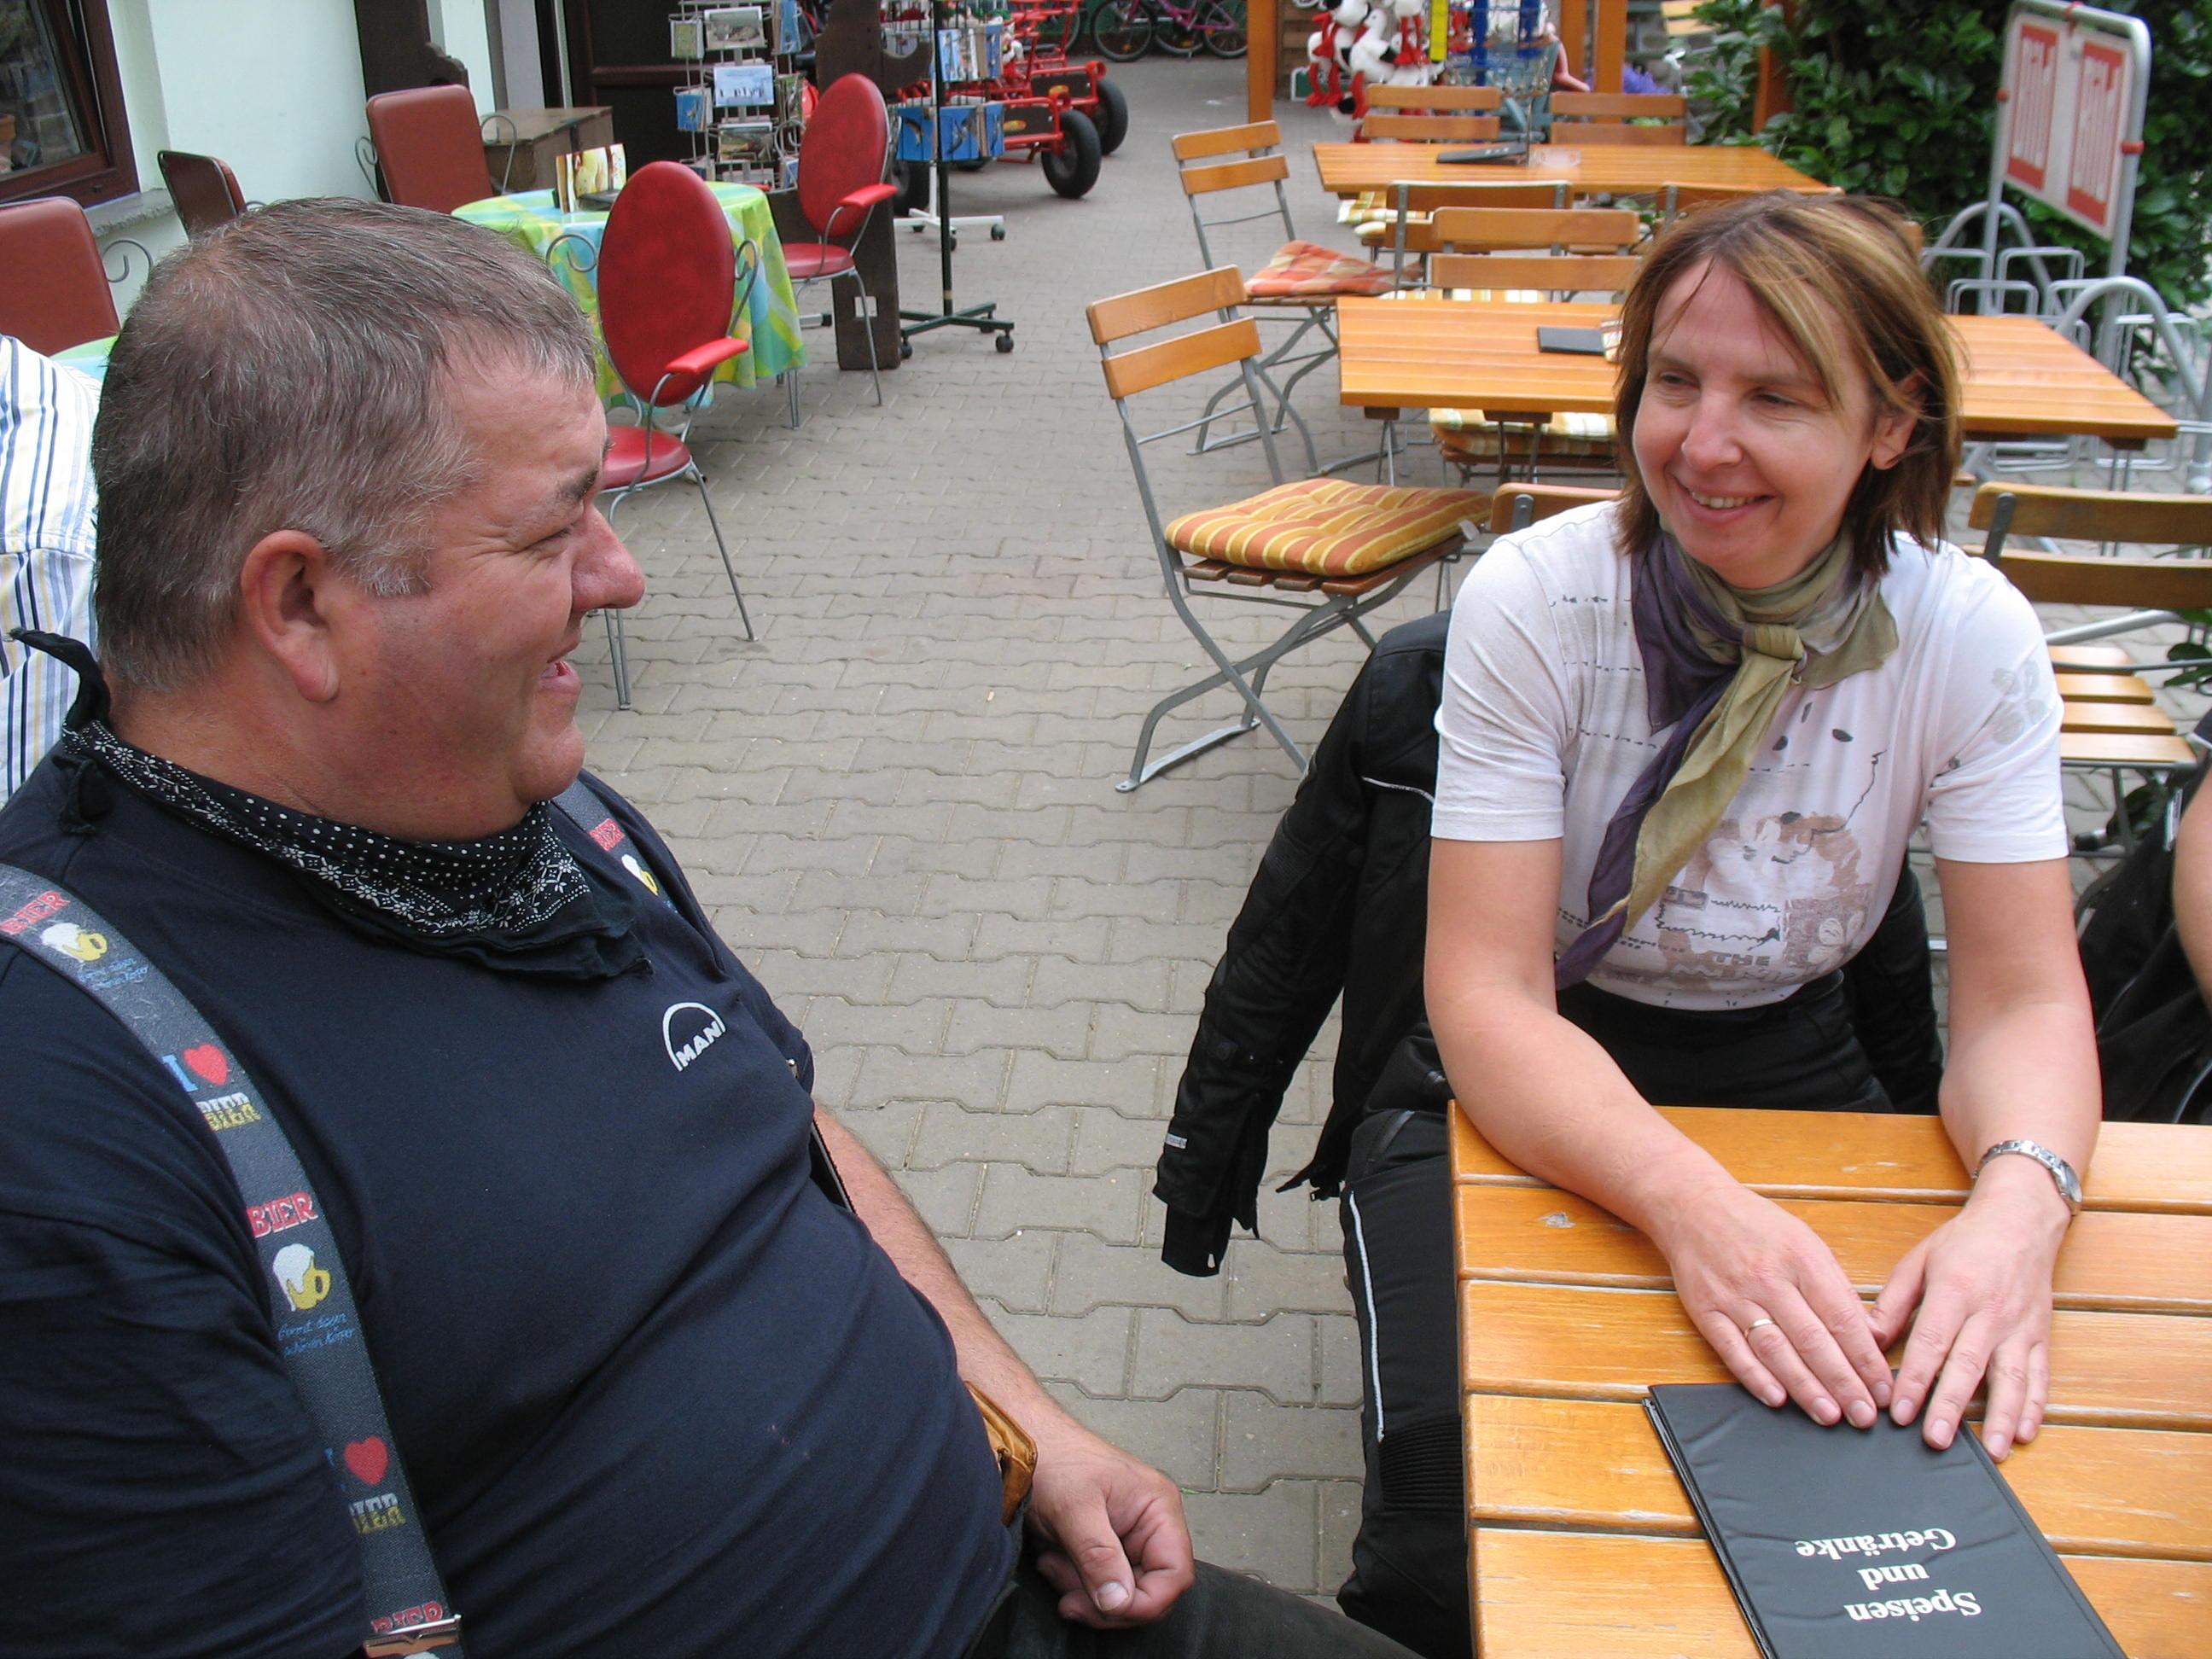 http://www.tsc-blausilber.de/media/bilder_intern/2012_Motorradtour/IMG_0009.JPG